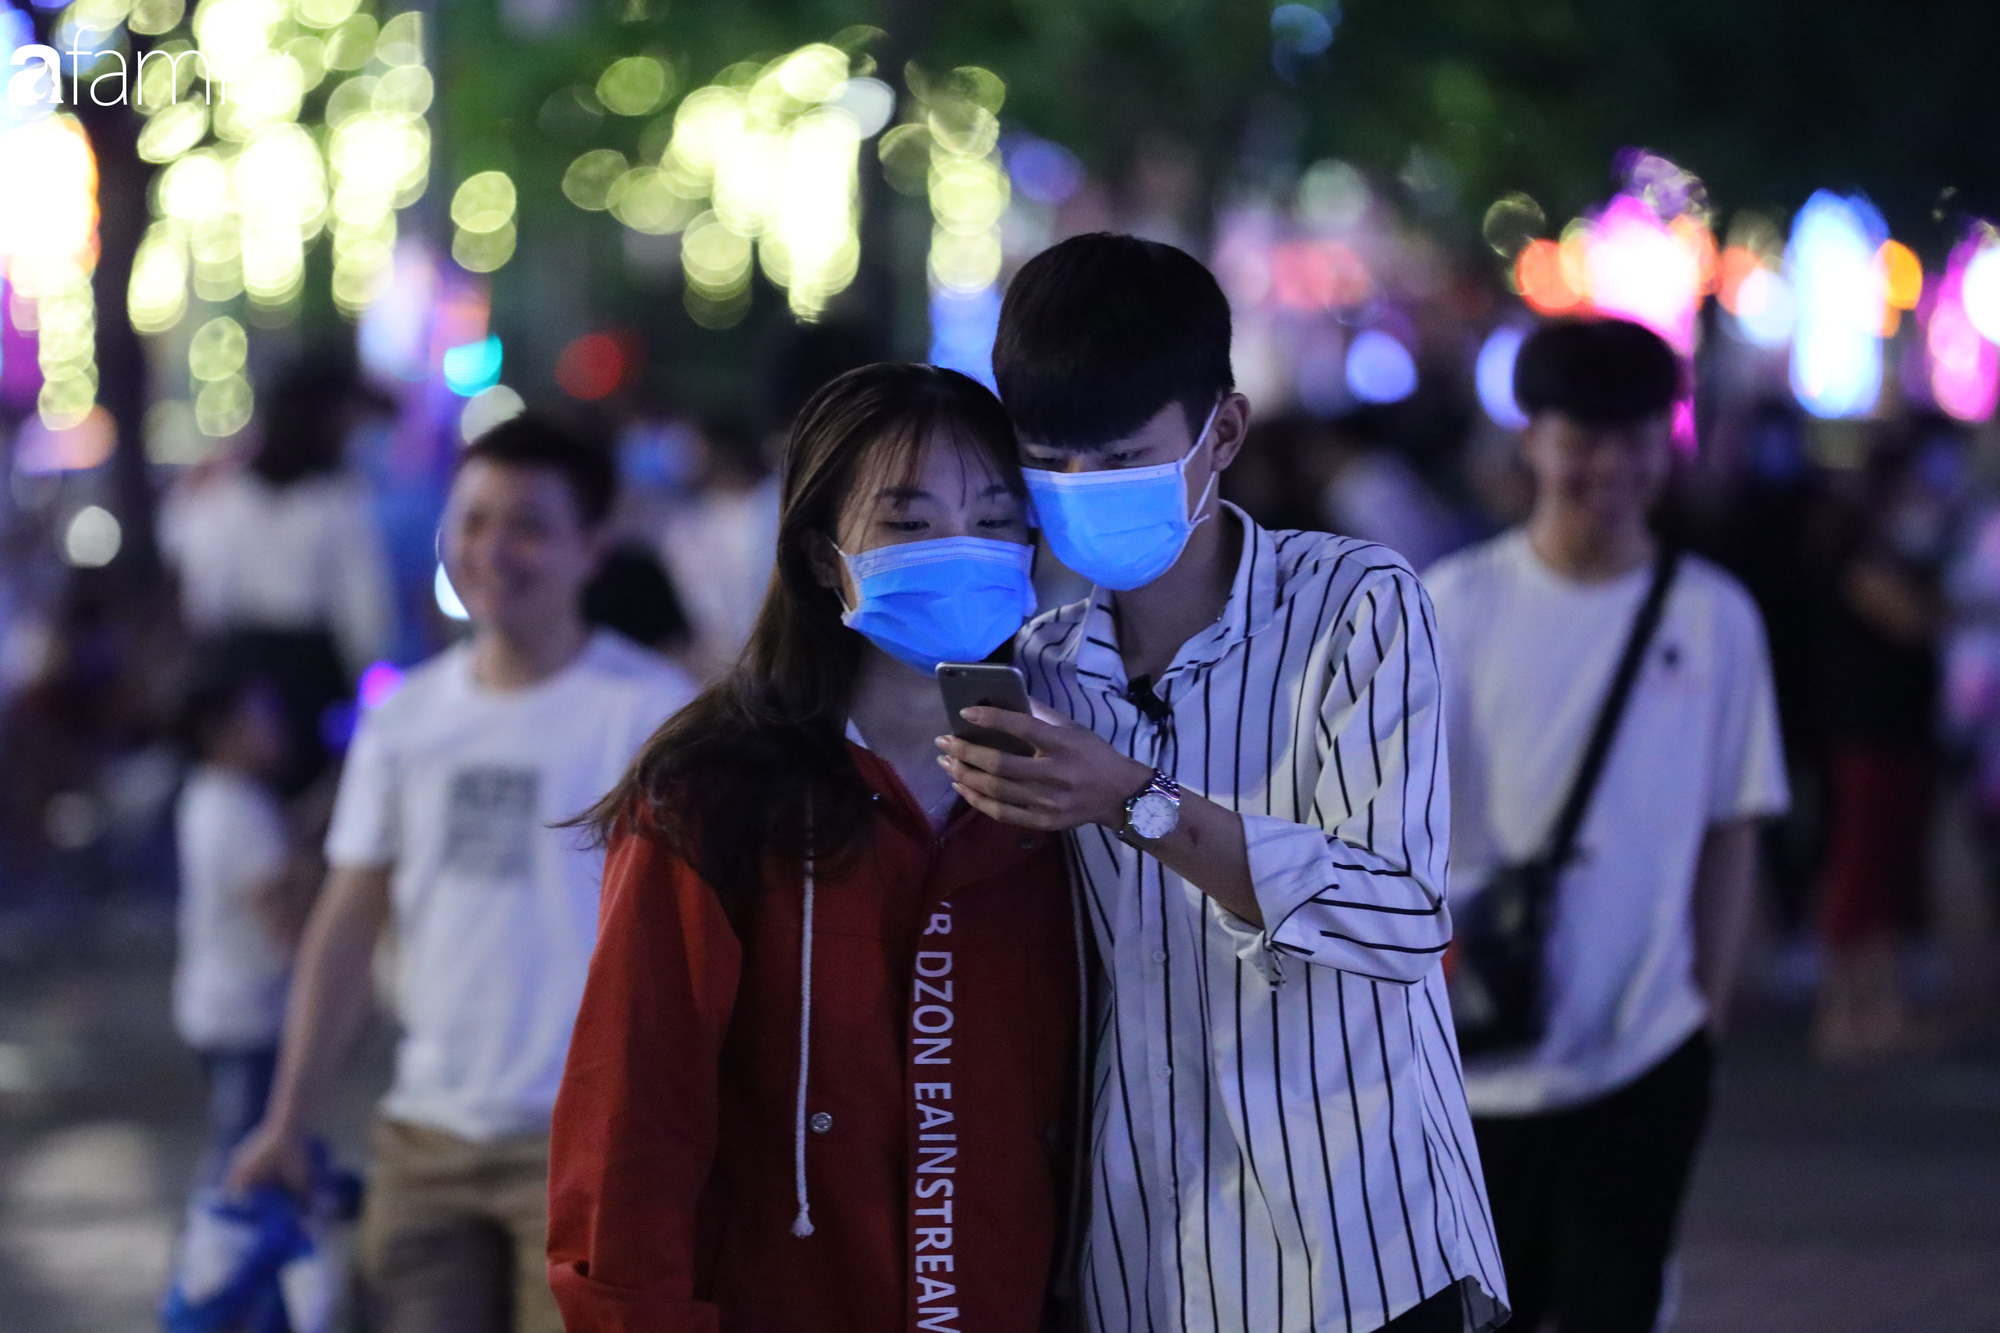 Valentine Hà Nội - Sài Gòn vắng vẻ đìu hiu vì dịch Corona, từ trung tâm thương mại đến phố phường đều ít bóng tình nhân đi chơi - Ảnh 8.